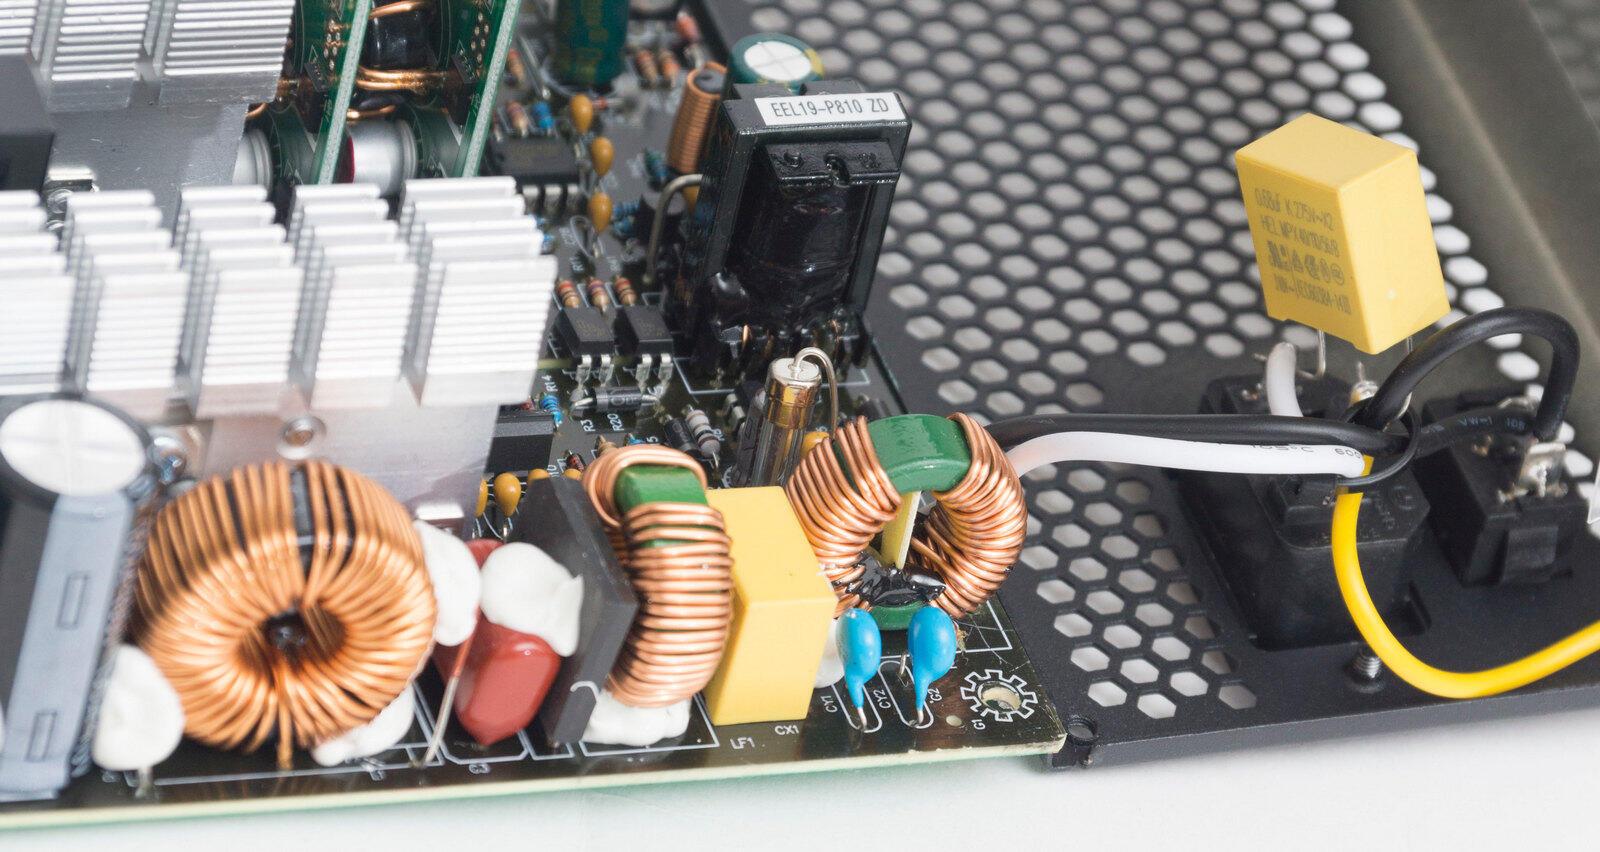 Kompyutery i komplektuyushcie - Obzor i test bloka pitaniya Hiper HPB-700FM